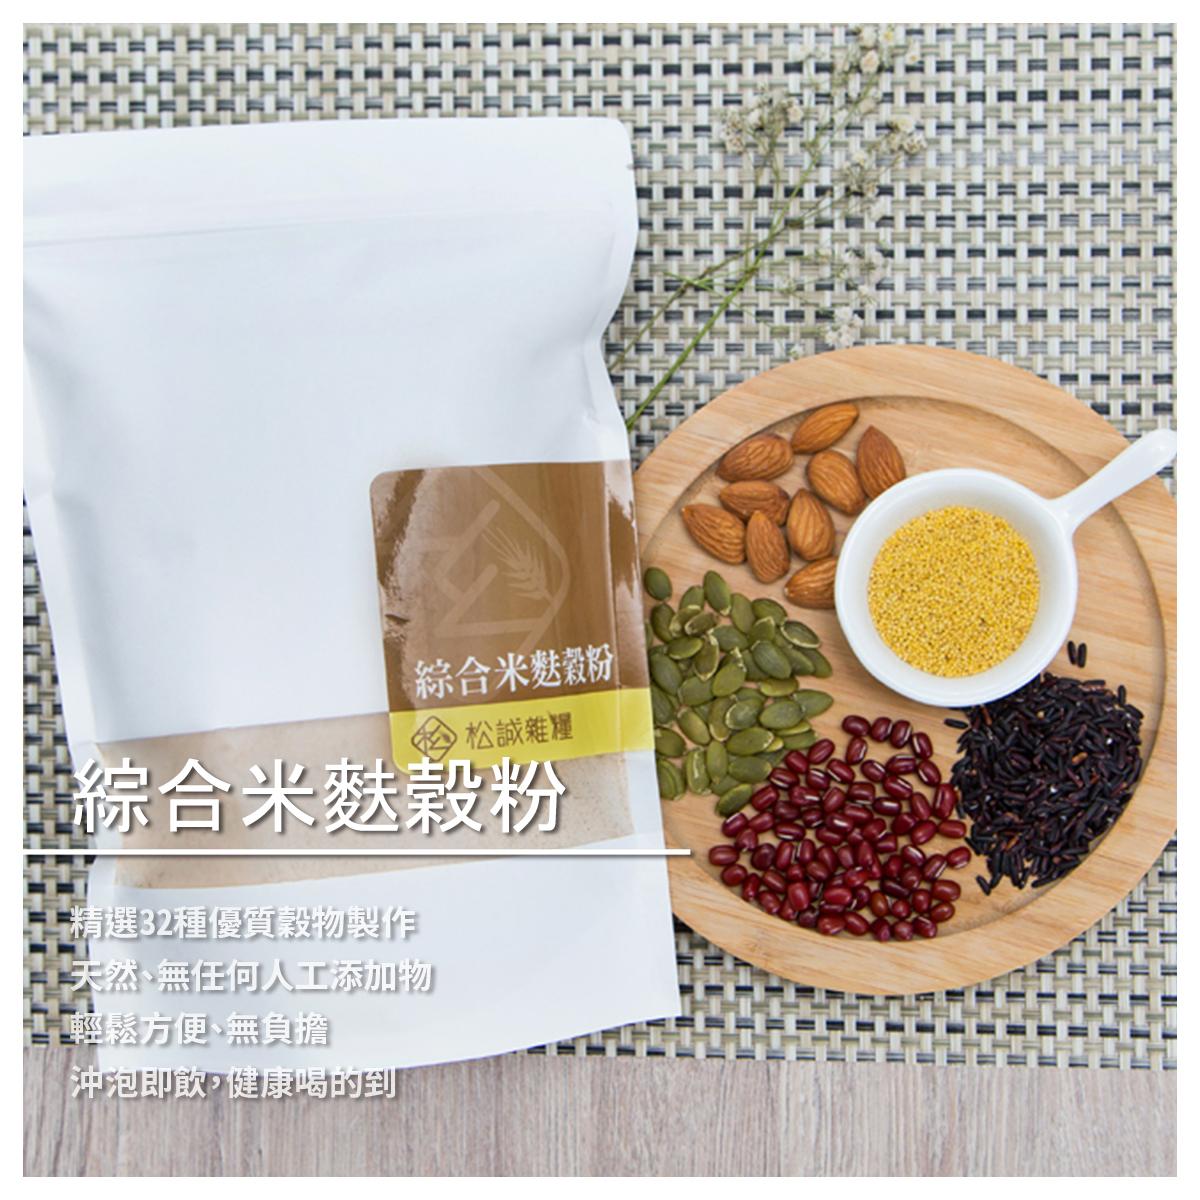 【松誠雜糧】綜合米麩穀粉/400g